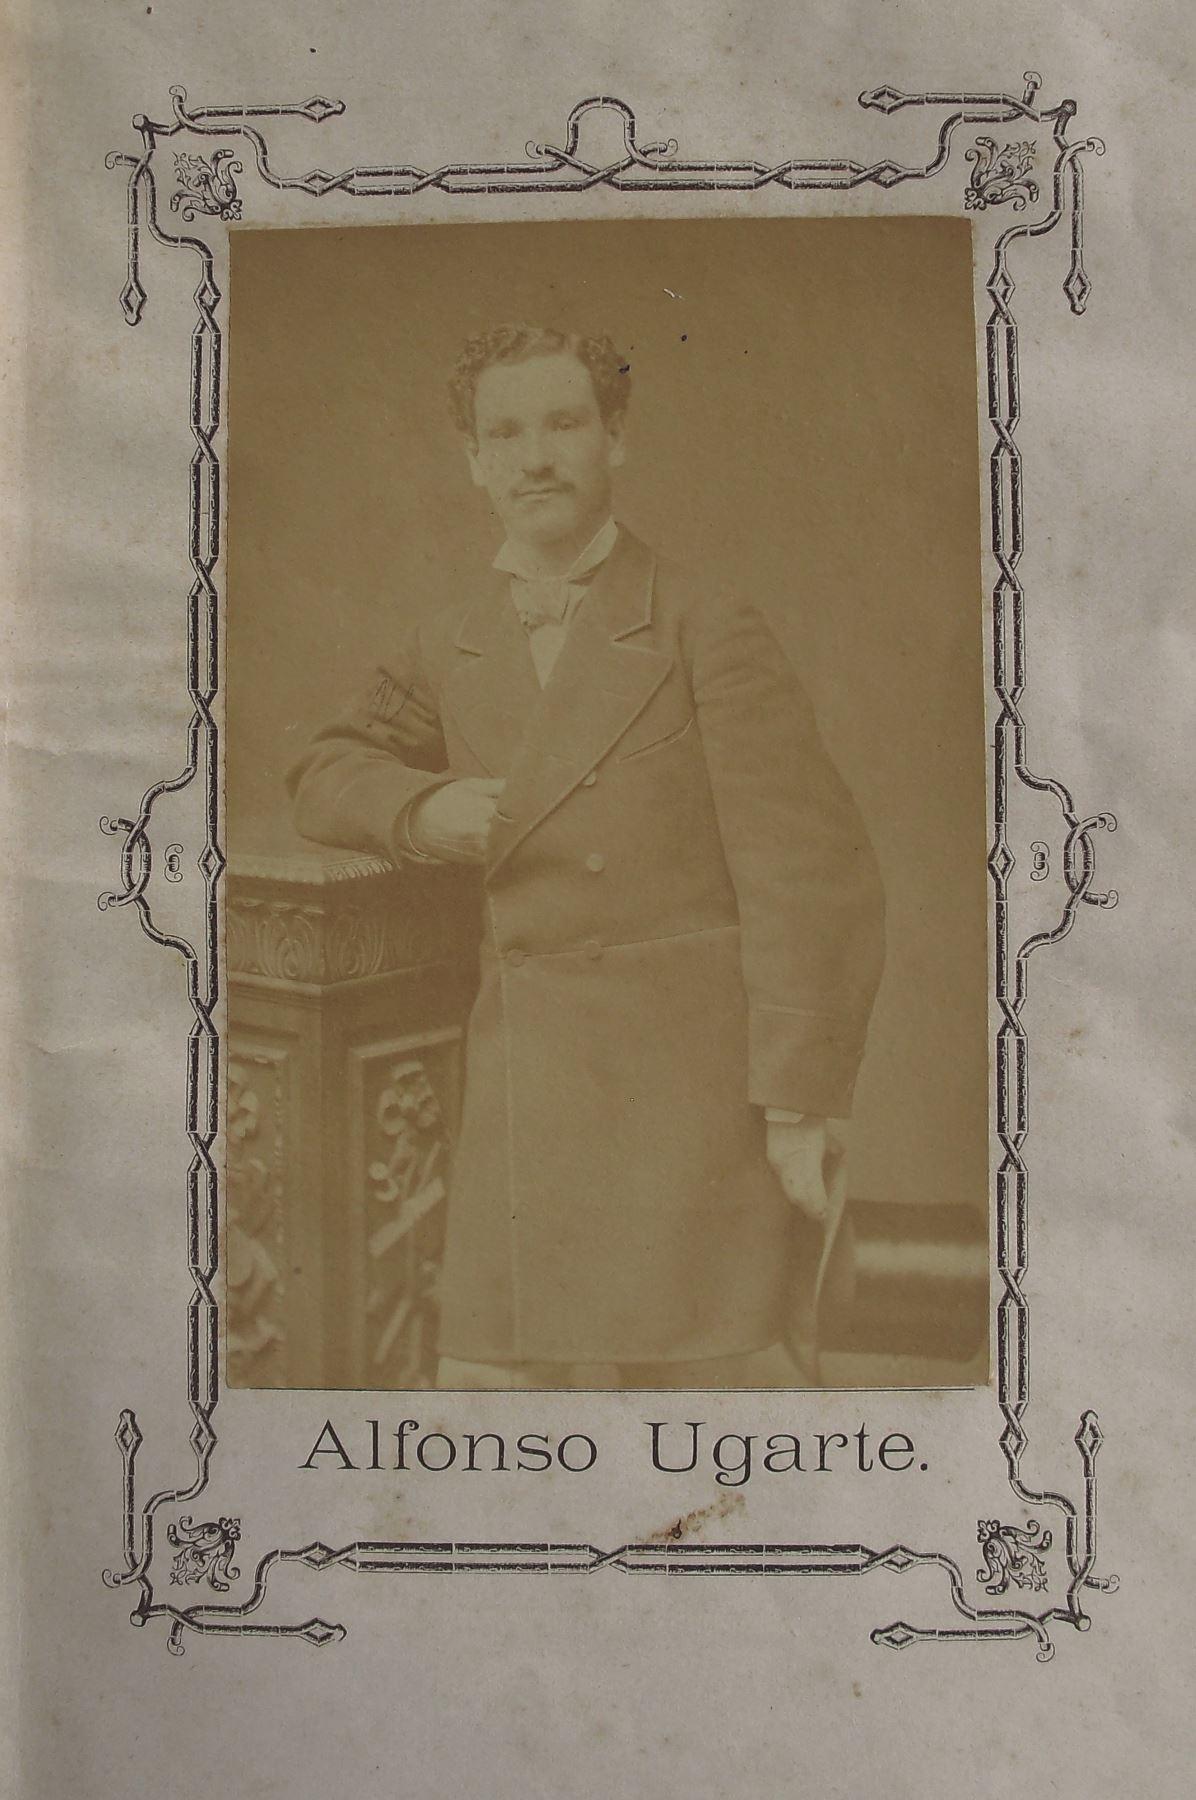 Fotografía de Alfonso Ugarte, quien antes de enrolarse en el Ejercito Peruano fue un empresario salitrero. Foto: Cortesía